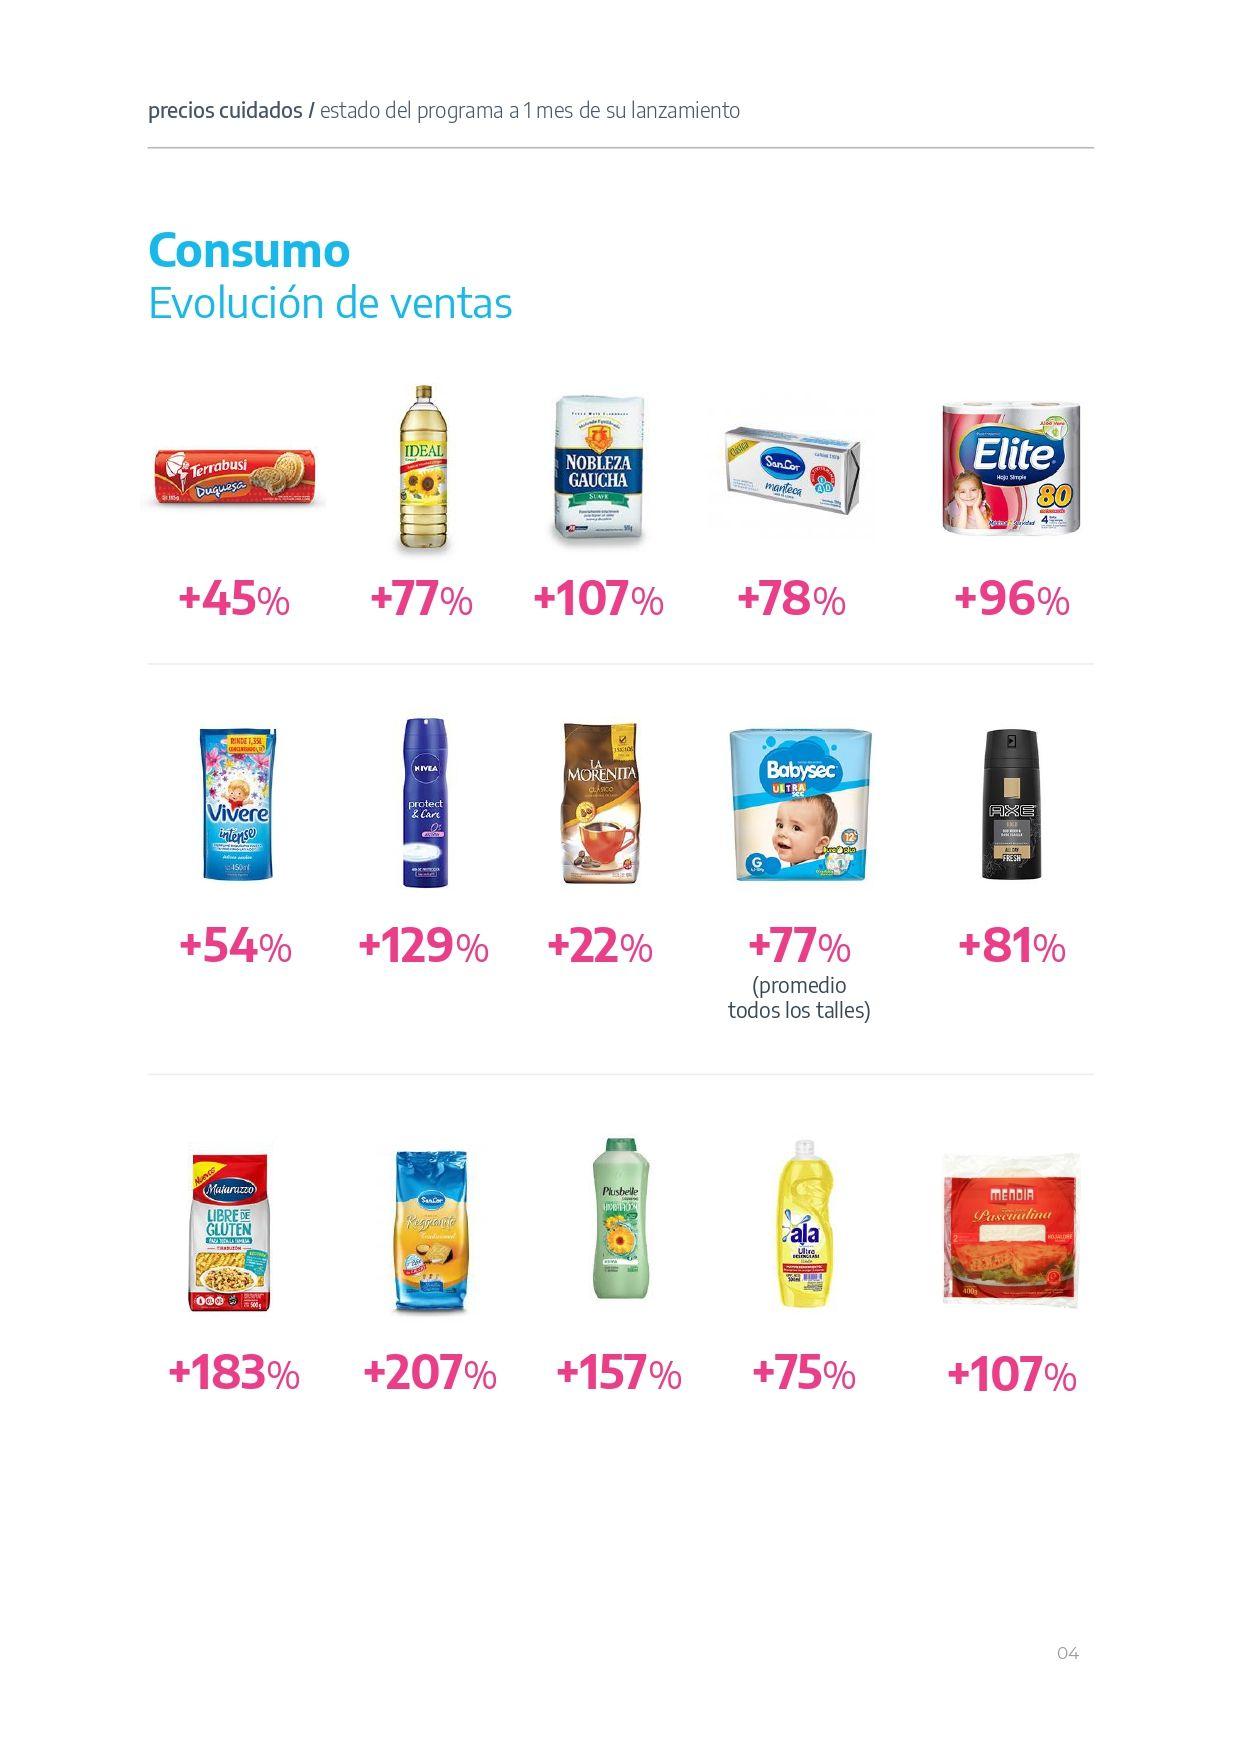 Las ventas de productos de Precios Cuidados crecieron un 14% en su primer mes